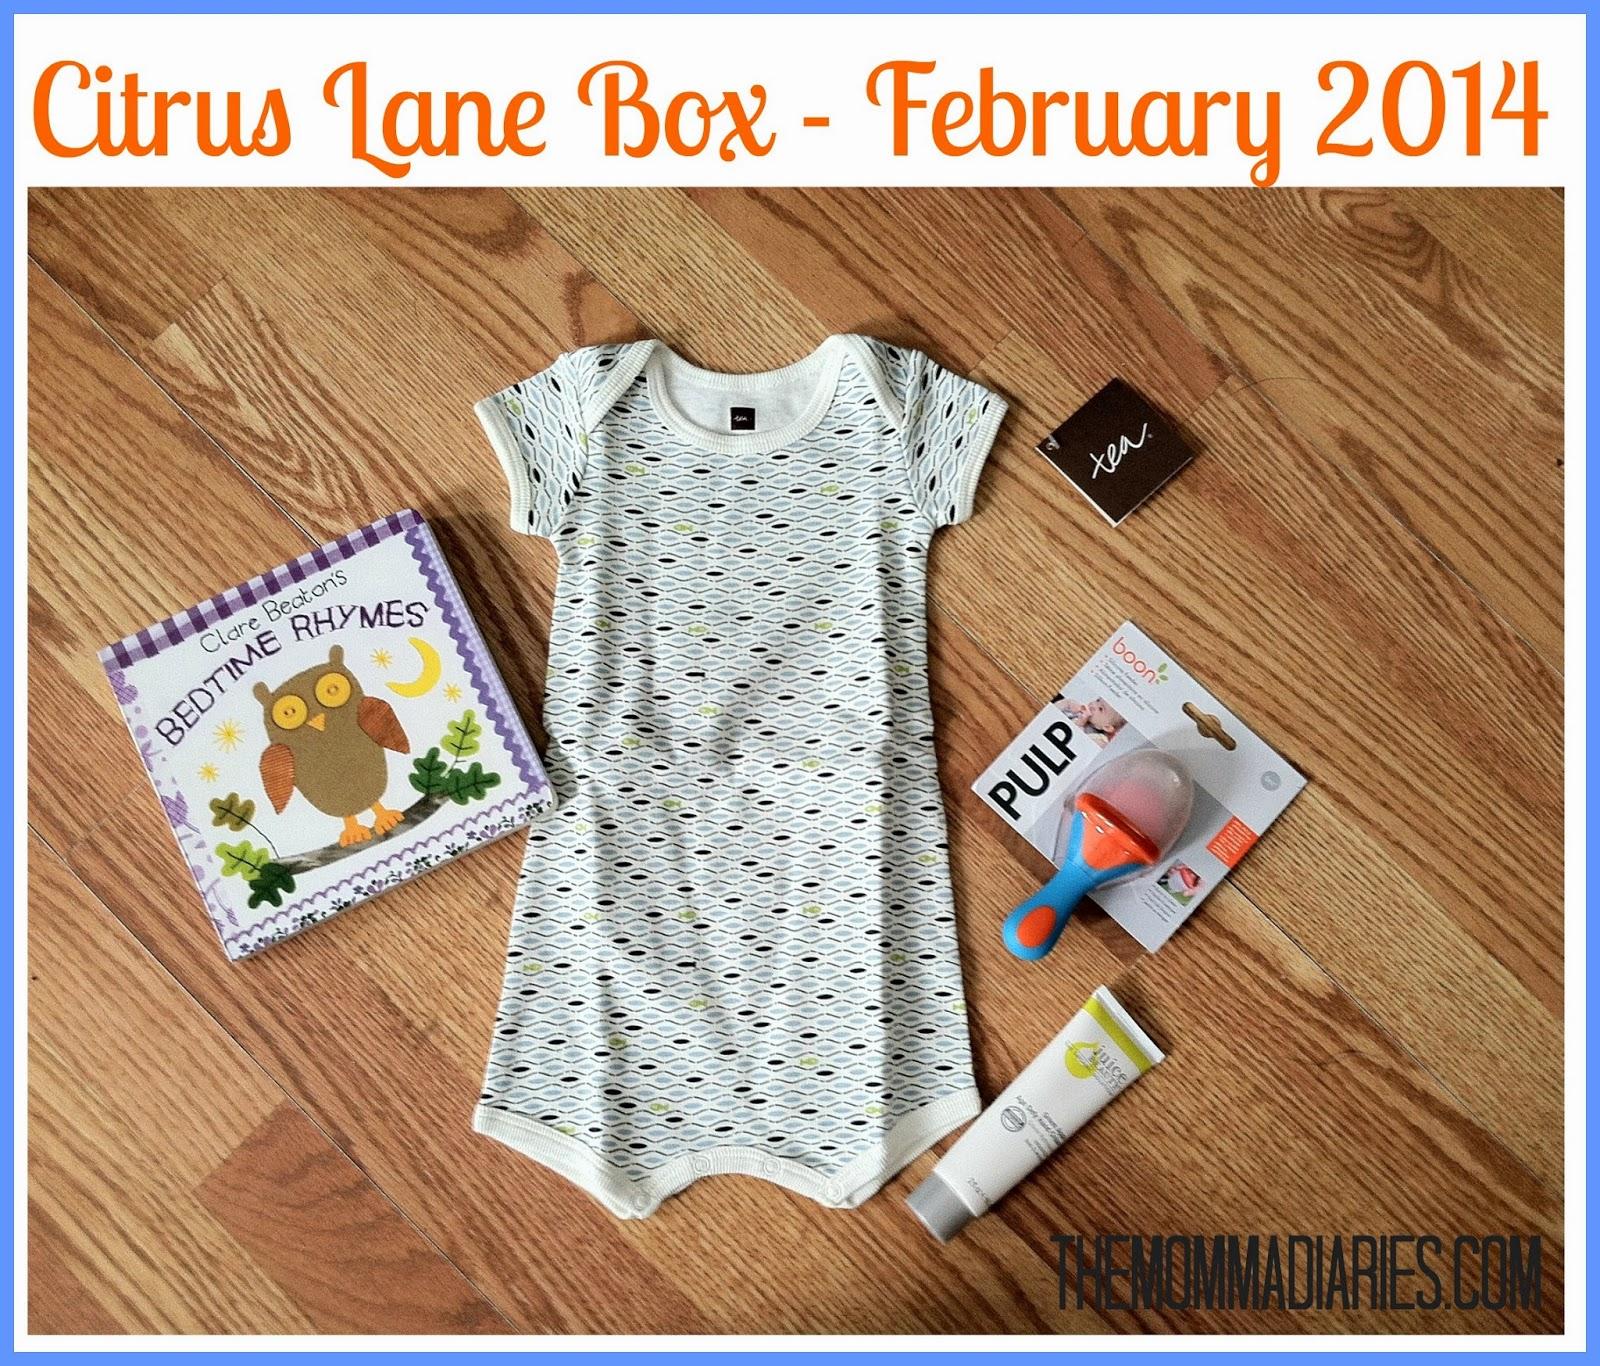 Citrus Lane Box February 2014